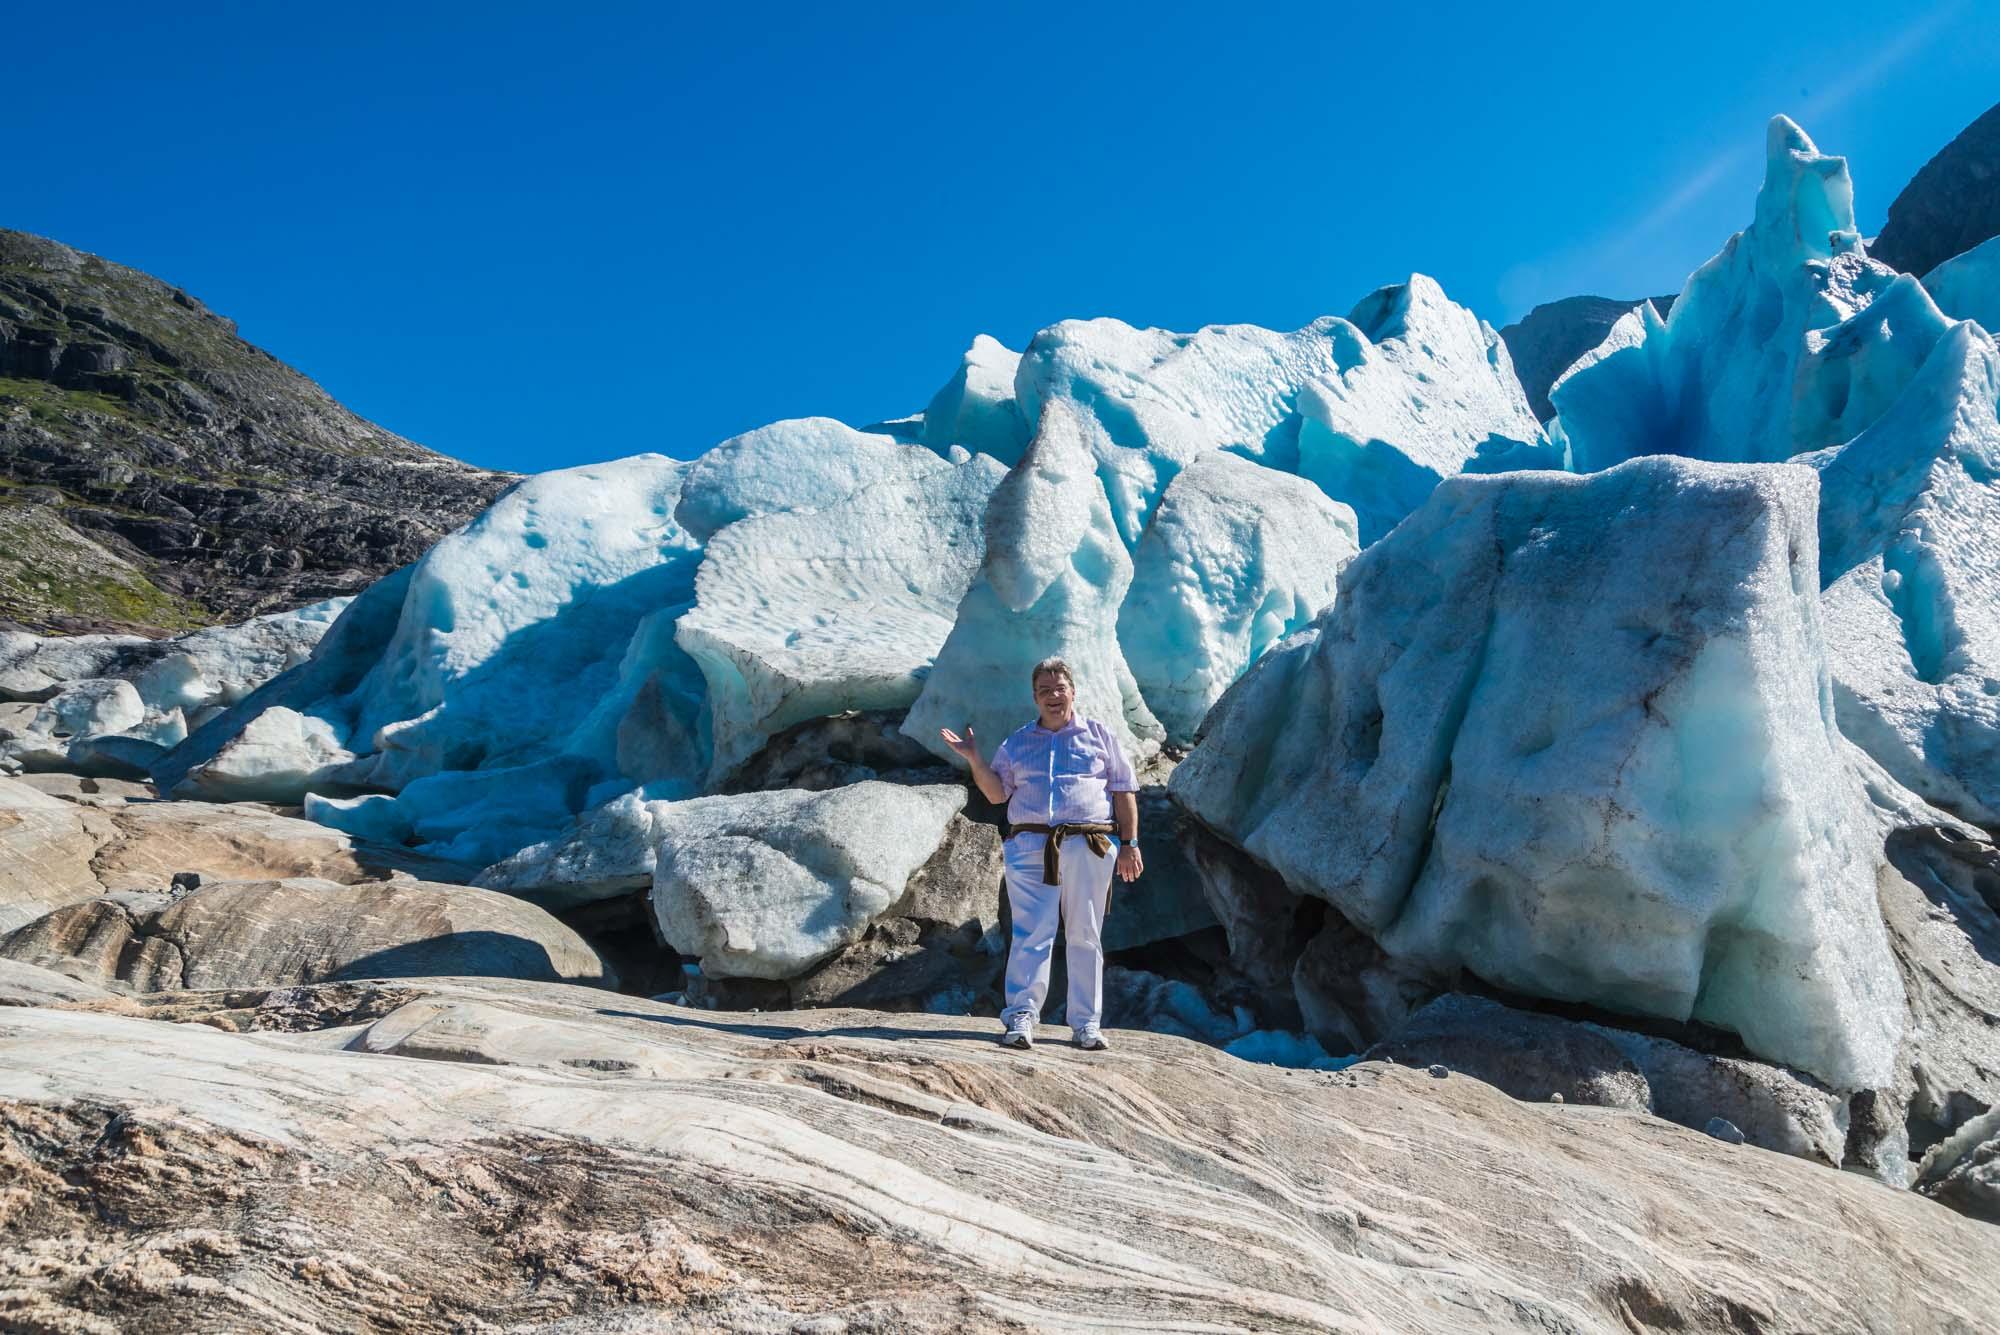 Peter Jurgilewitsch vor dem Svartisen Gletscher in Norwegen